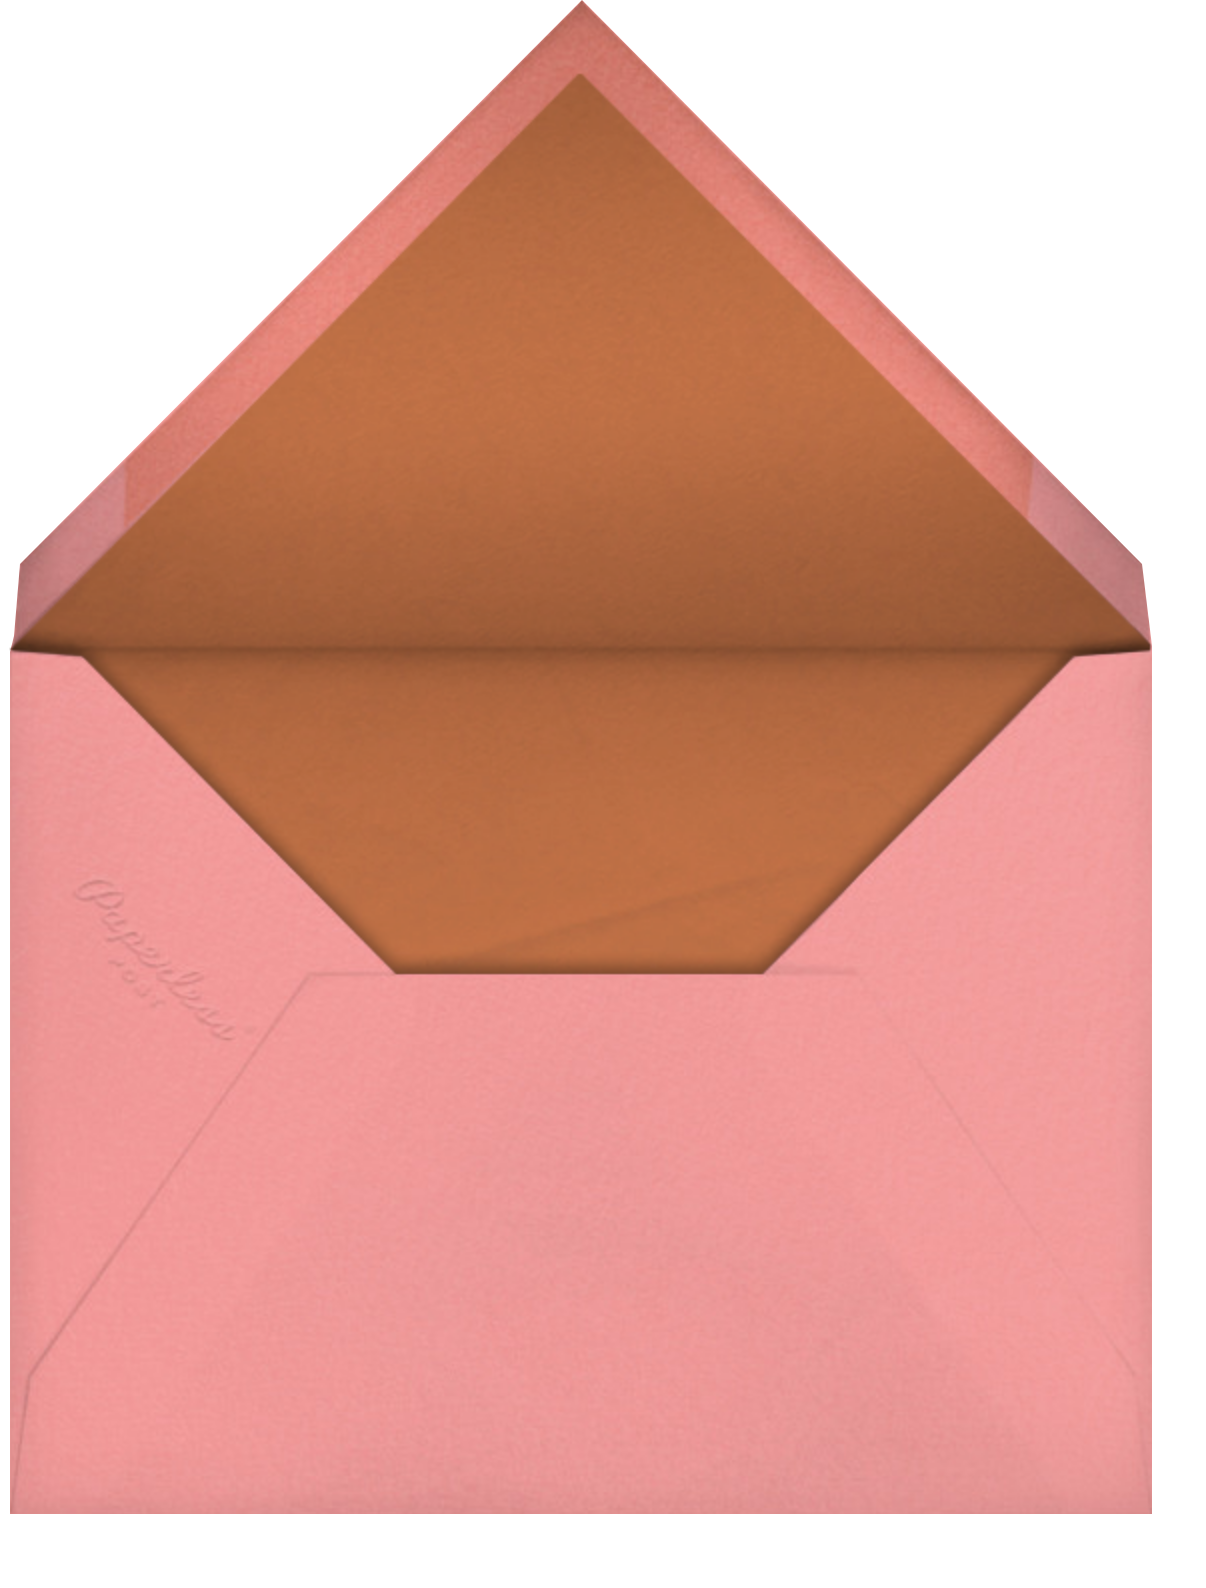 Oratorio (Invitation) - Carob - Venamour - All - envelope back